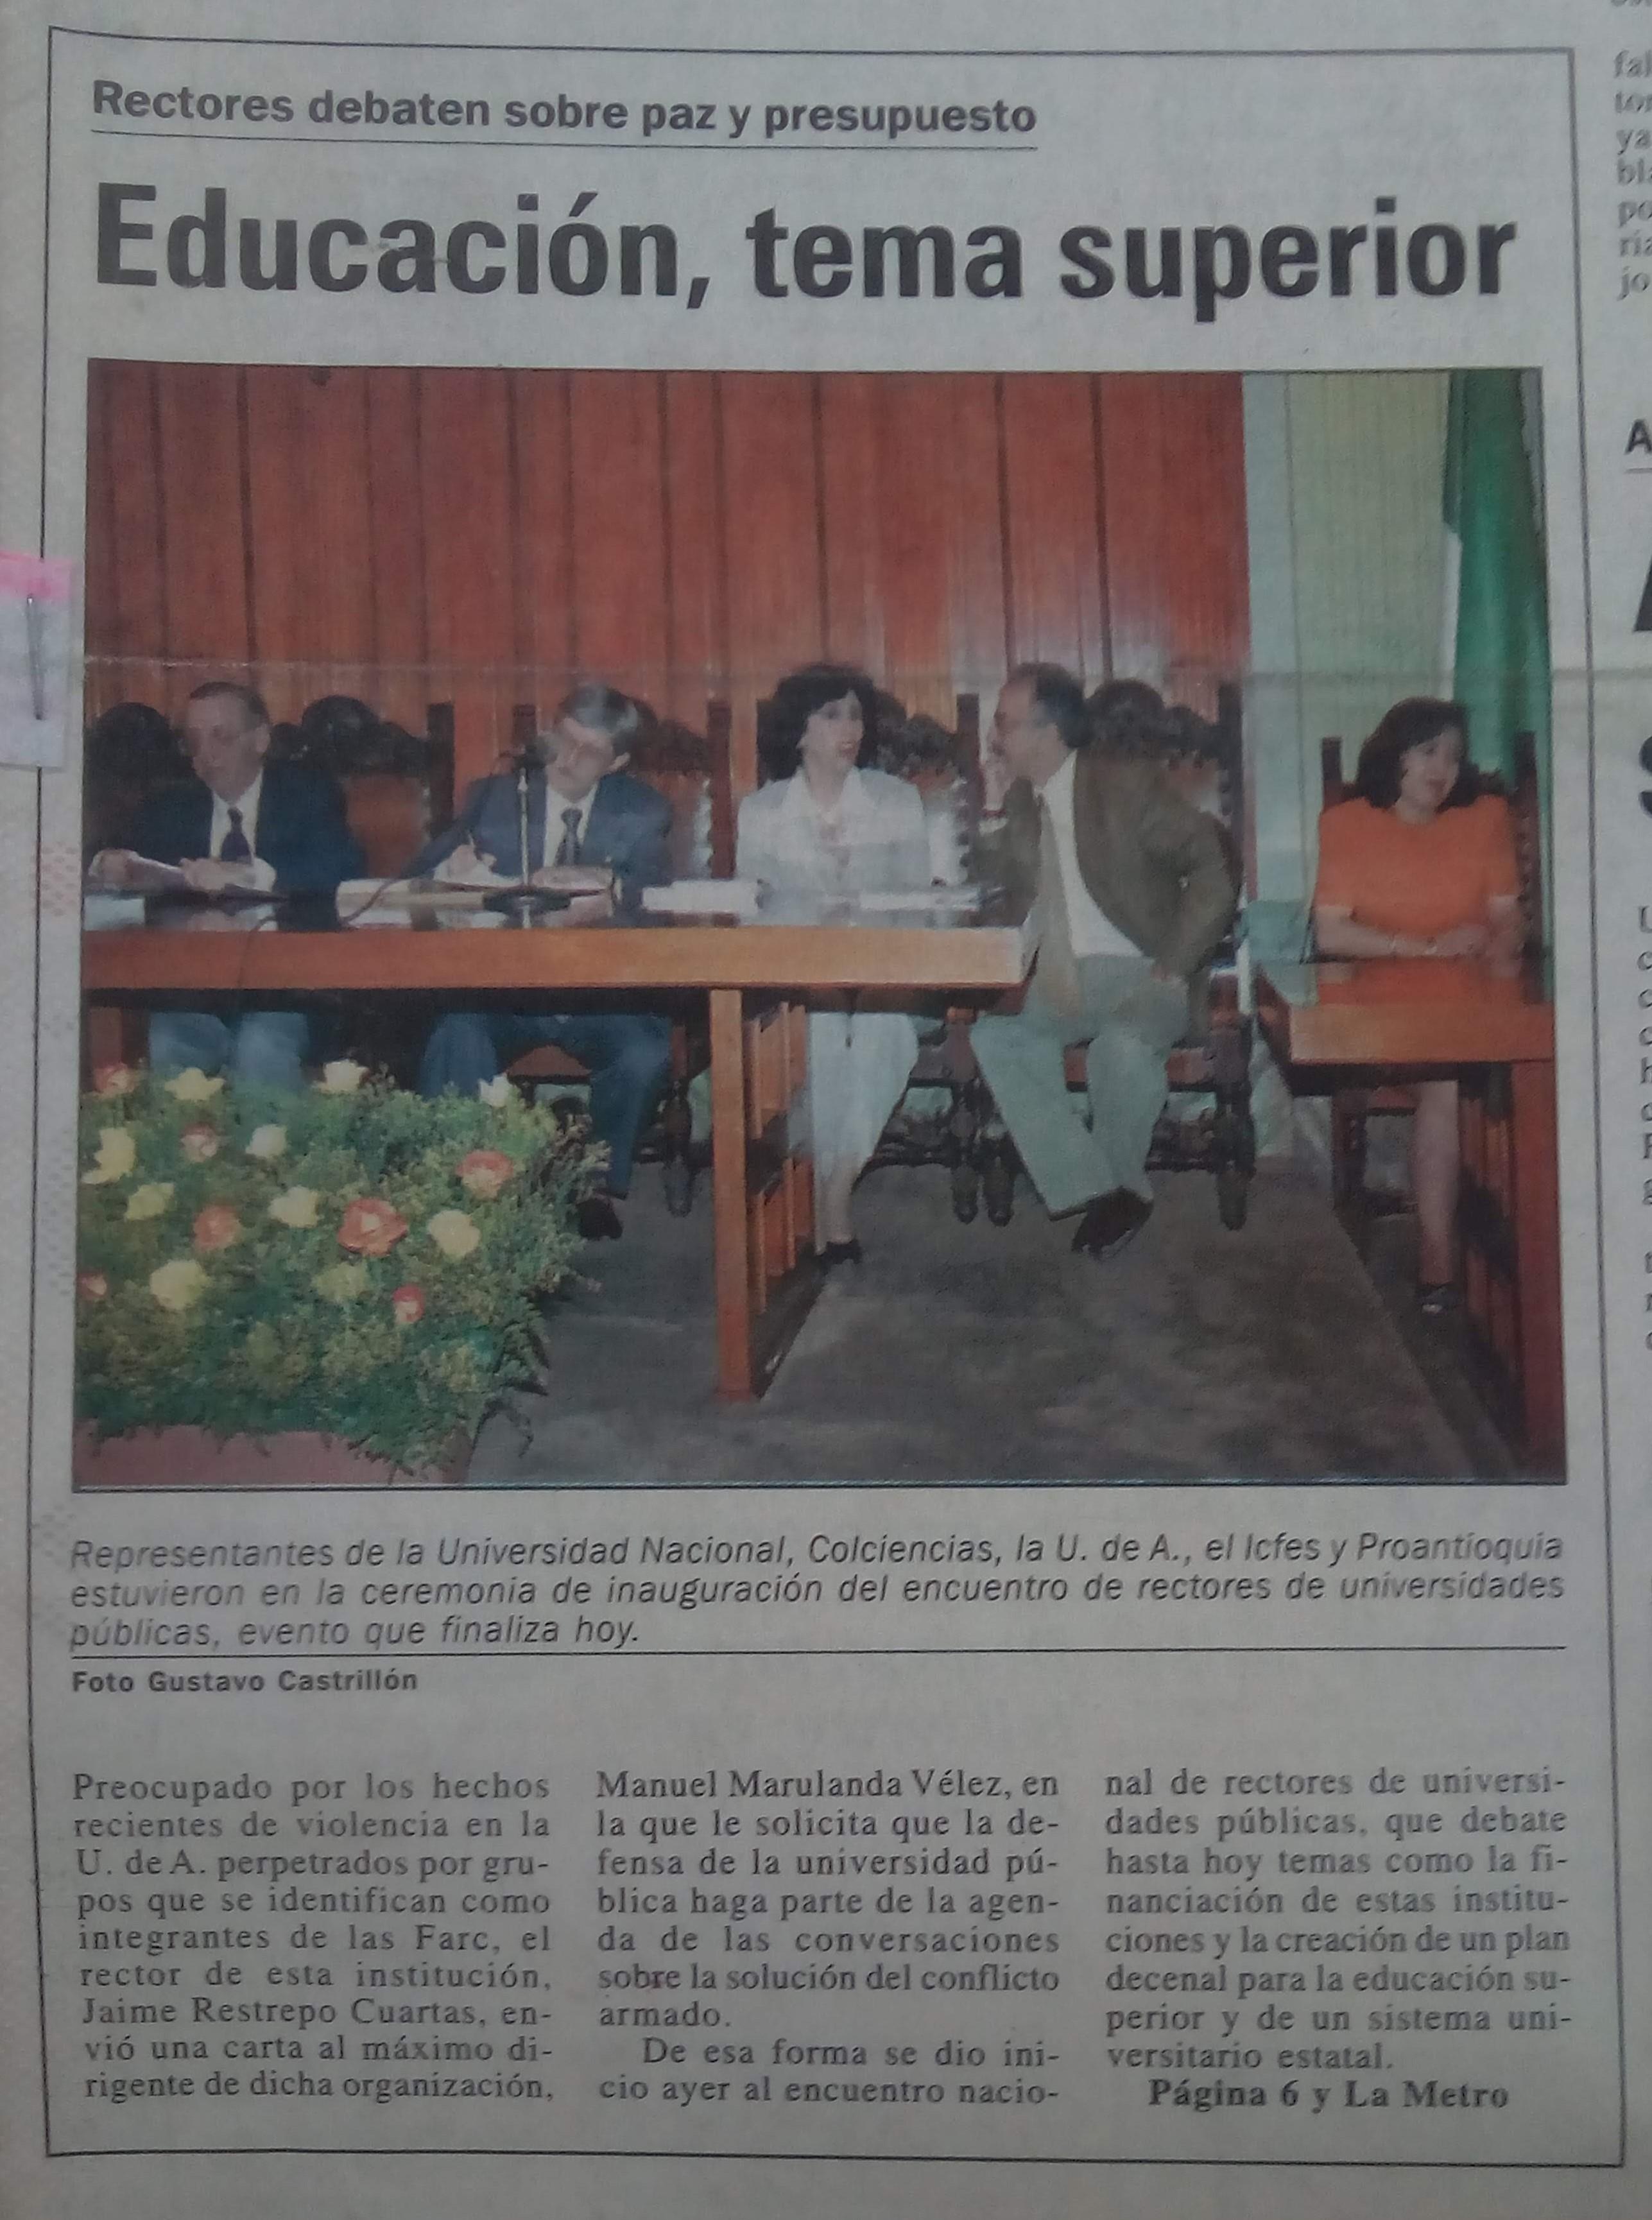 Fotografía tomada de la edición del 28 de noviembre de 1998 del periódico El Mundo.